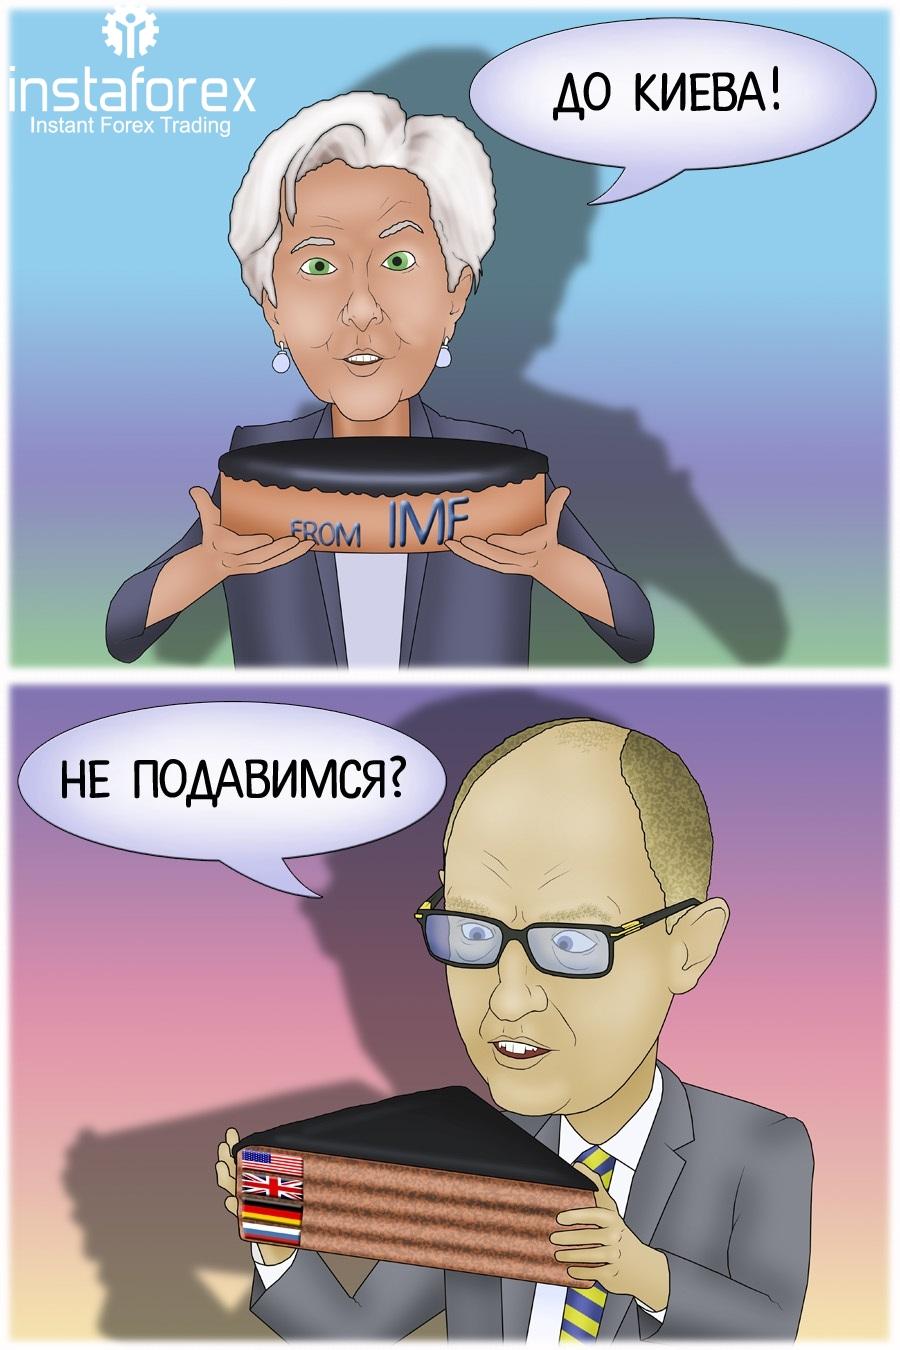 В Минфине допустили участие России в финансовой поддержке Киева